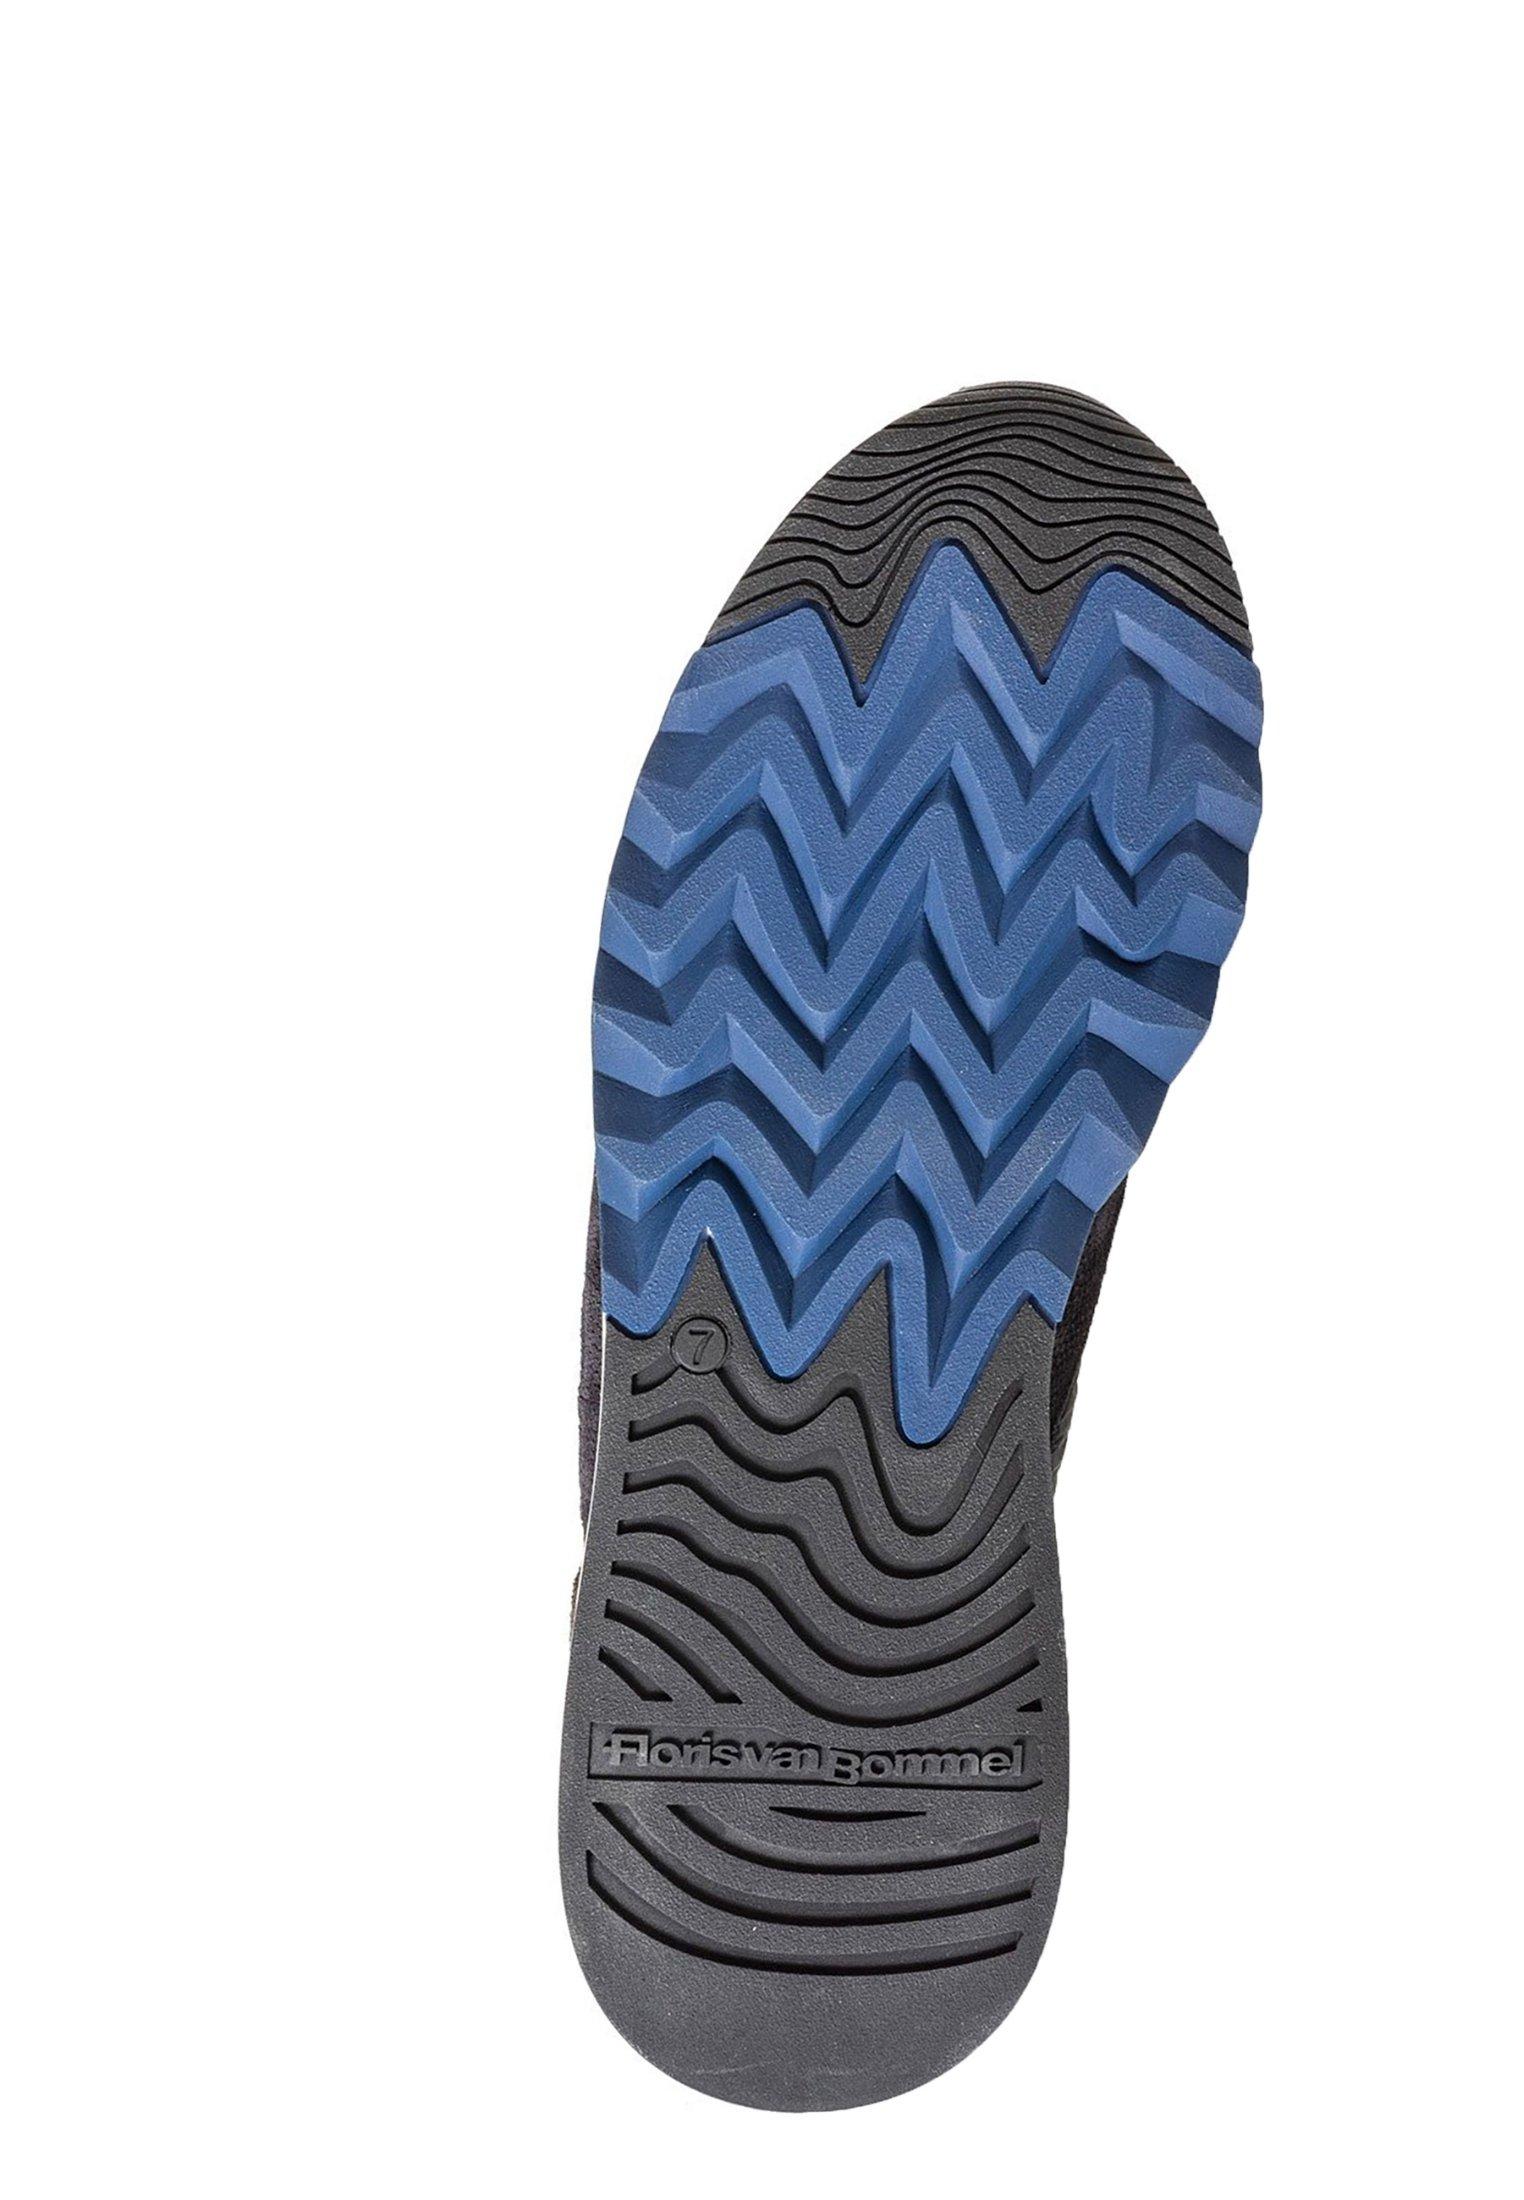 Floris van Bommel Sneaker low - darkbrown/dunkelbraun - Herrenschuhe alYoN